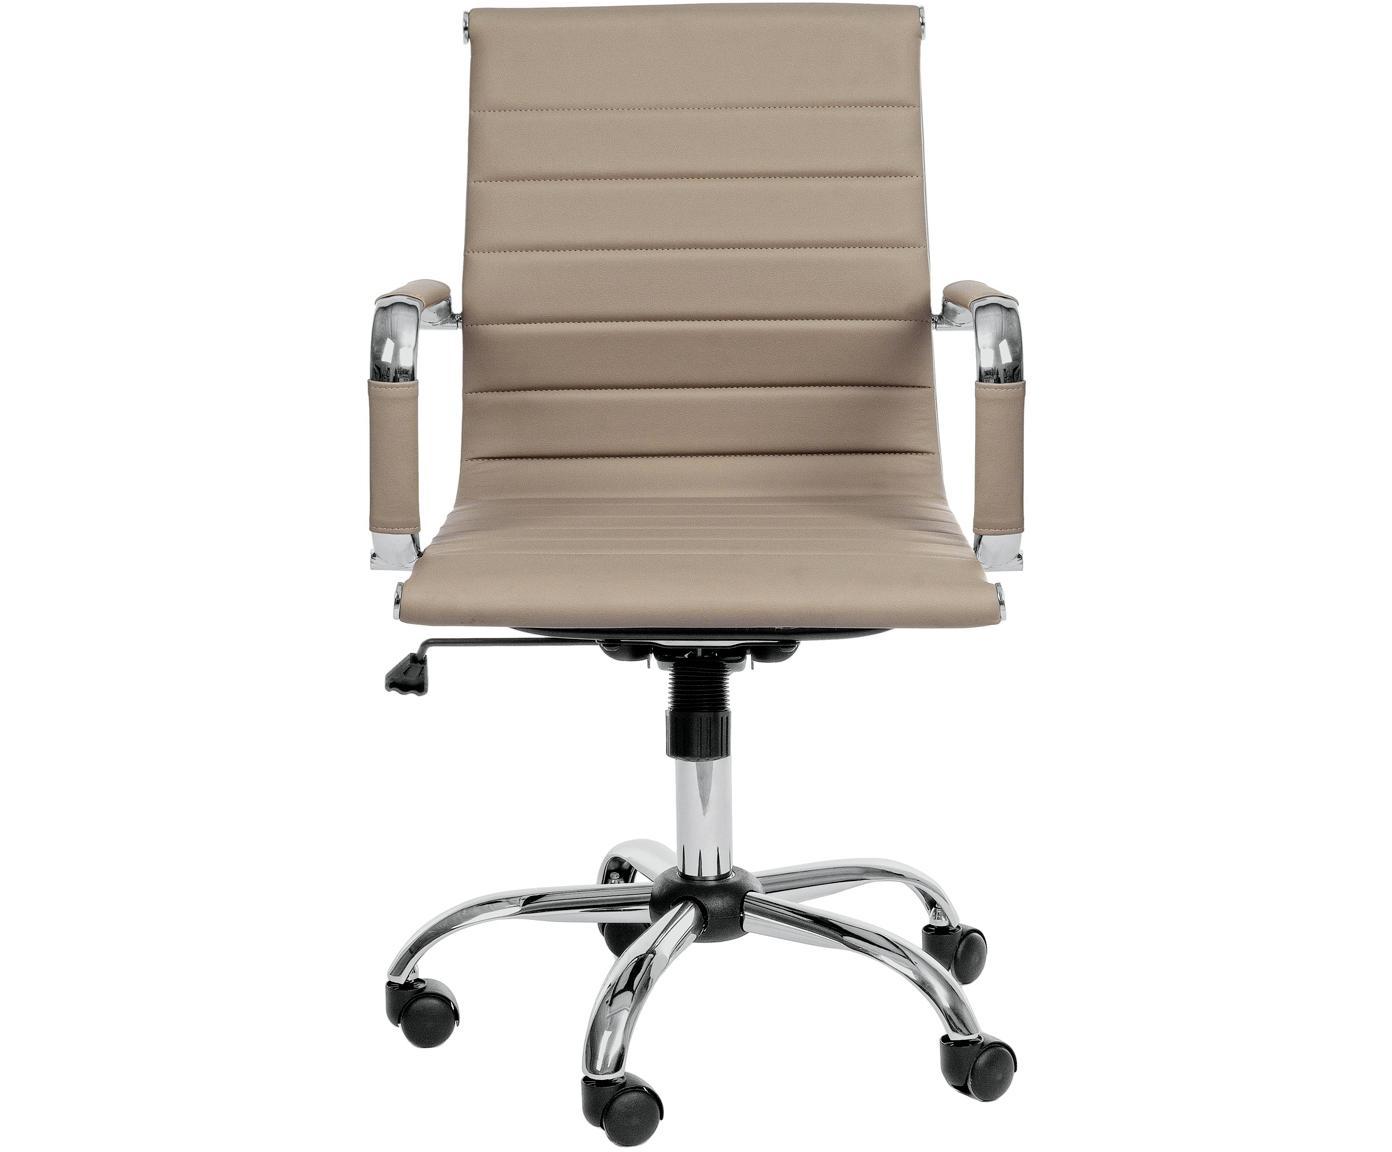 Biurowe krzesło obrotowe ze sztucznej skóry Praga, Stelaż: metal chromowany, Tapicerka: sztuczna skóra (poliureta, Taupe, S 59 x W 89 cm